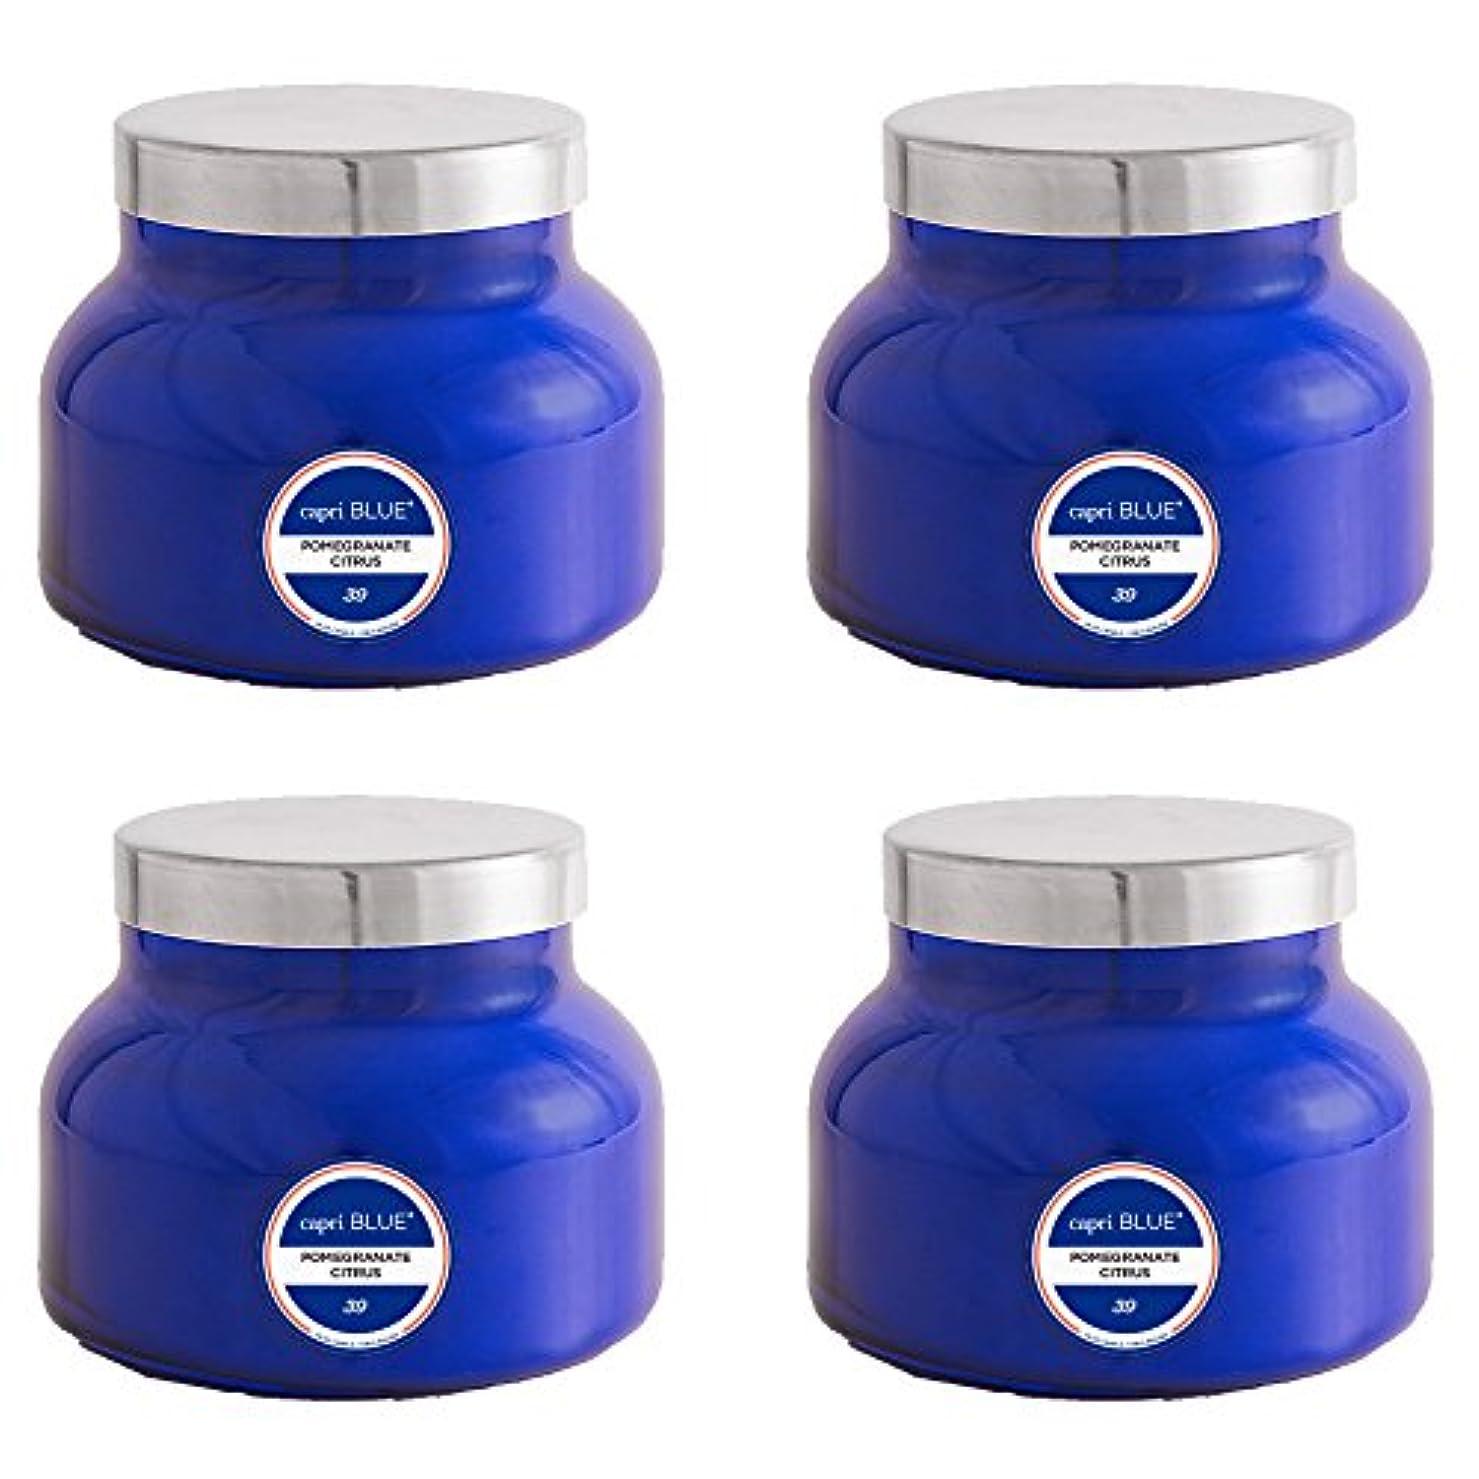 火可動つづりカプリブルー19 oz Signature Pomegranate Citrus Jar Candle4パック、Volcano、1サイズ